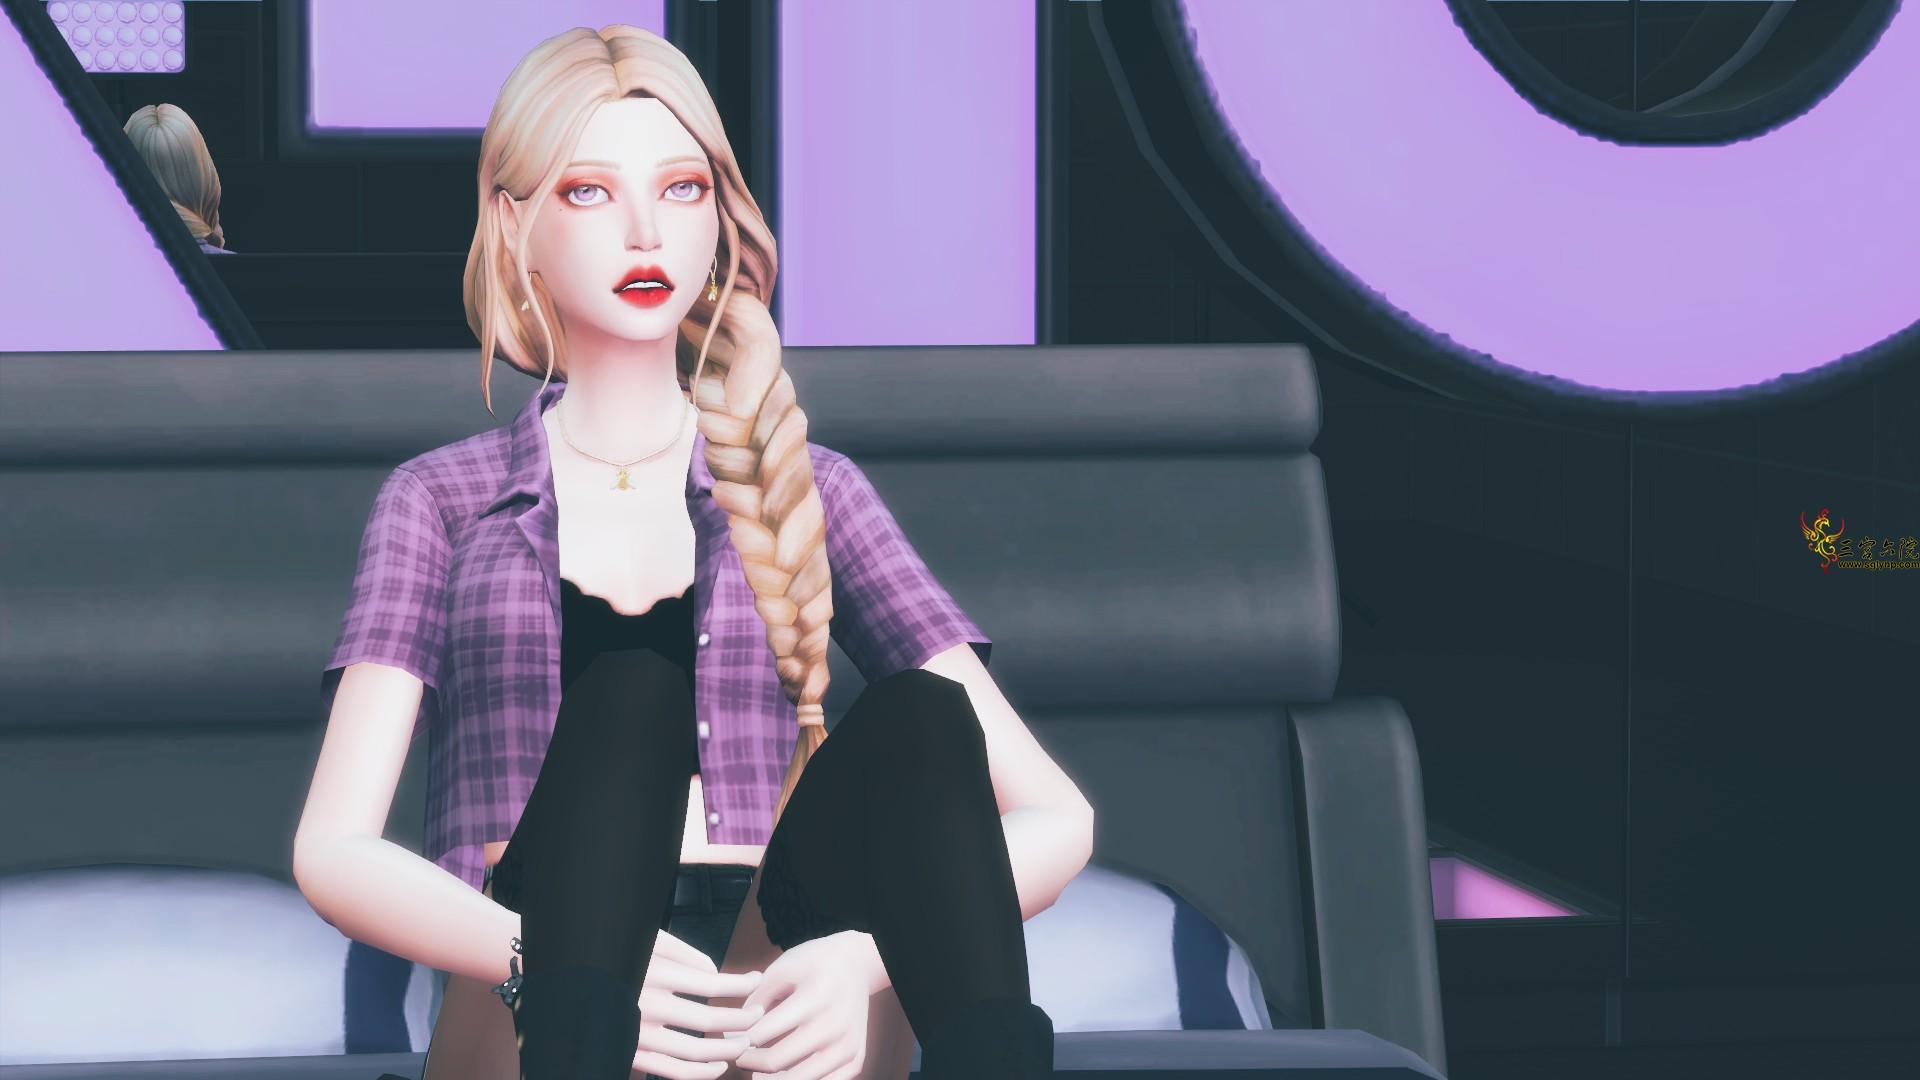 Sims 4 Screenshot 2021.02.19 - 16.20.16.54.png